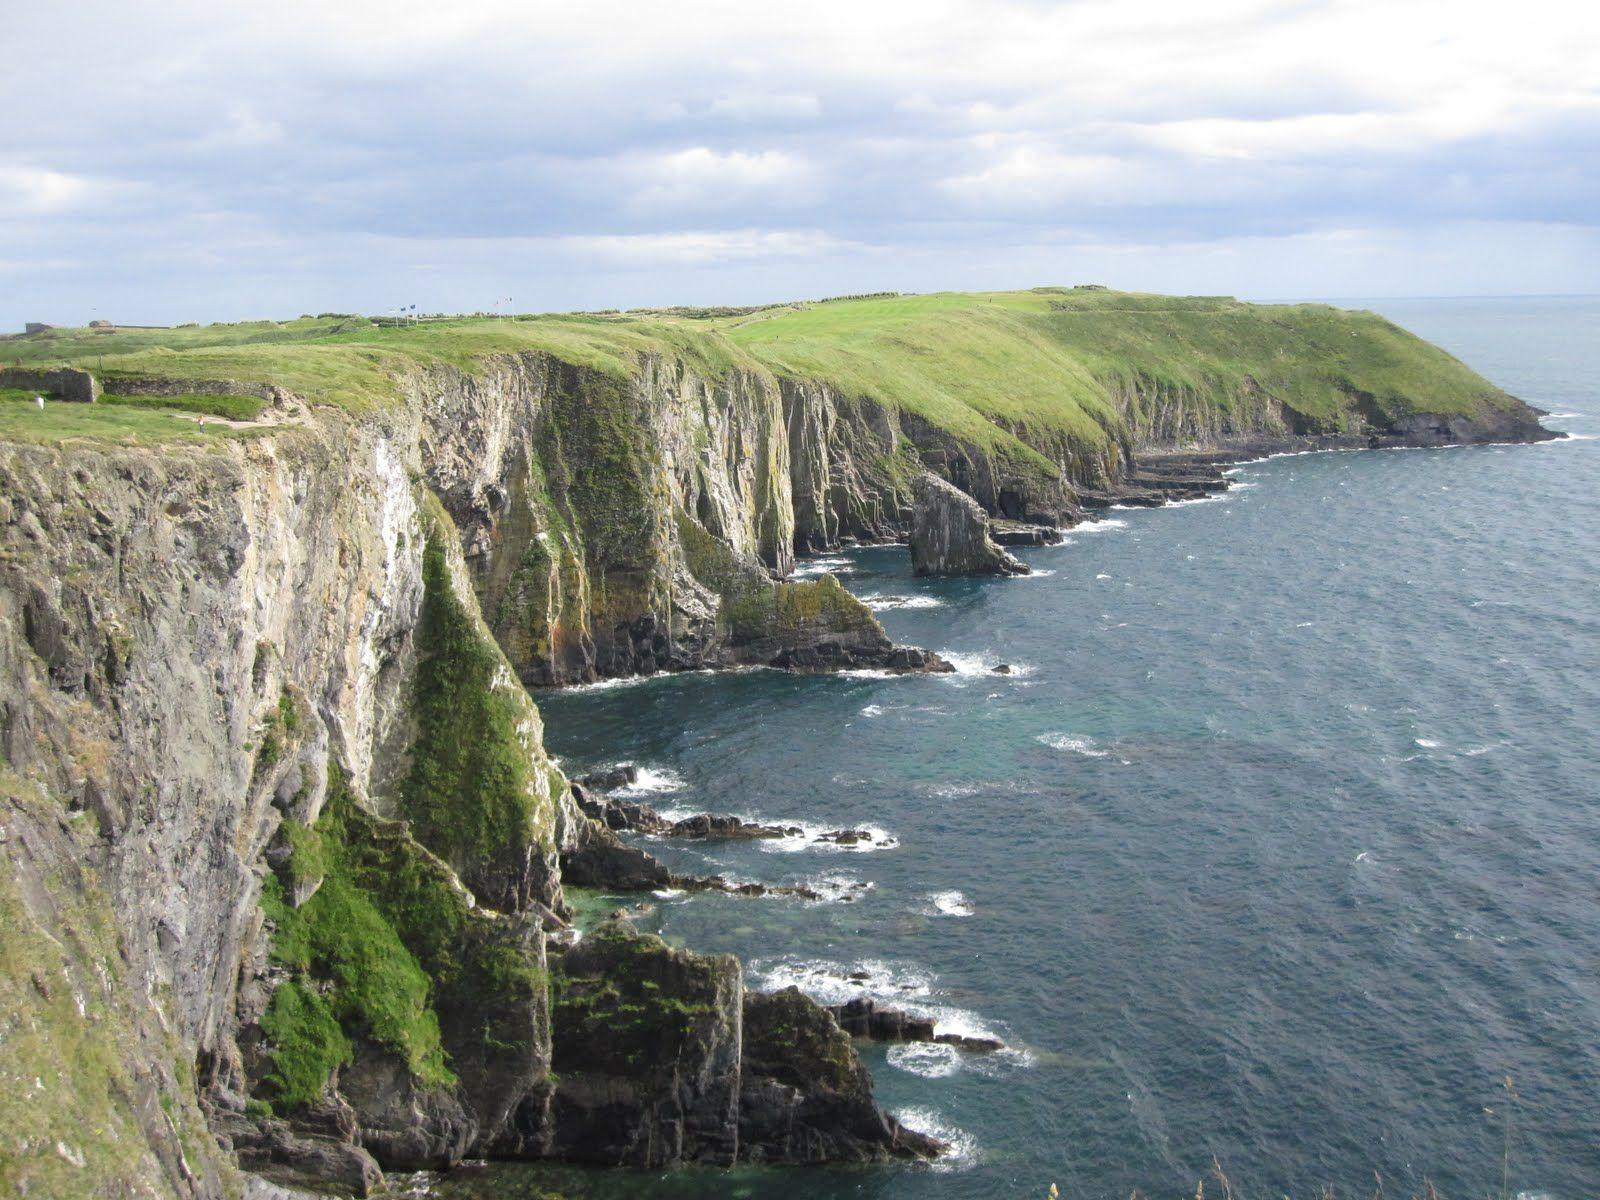 Scenic Ireland Scenic, Golf courses, Ireland